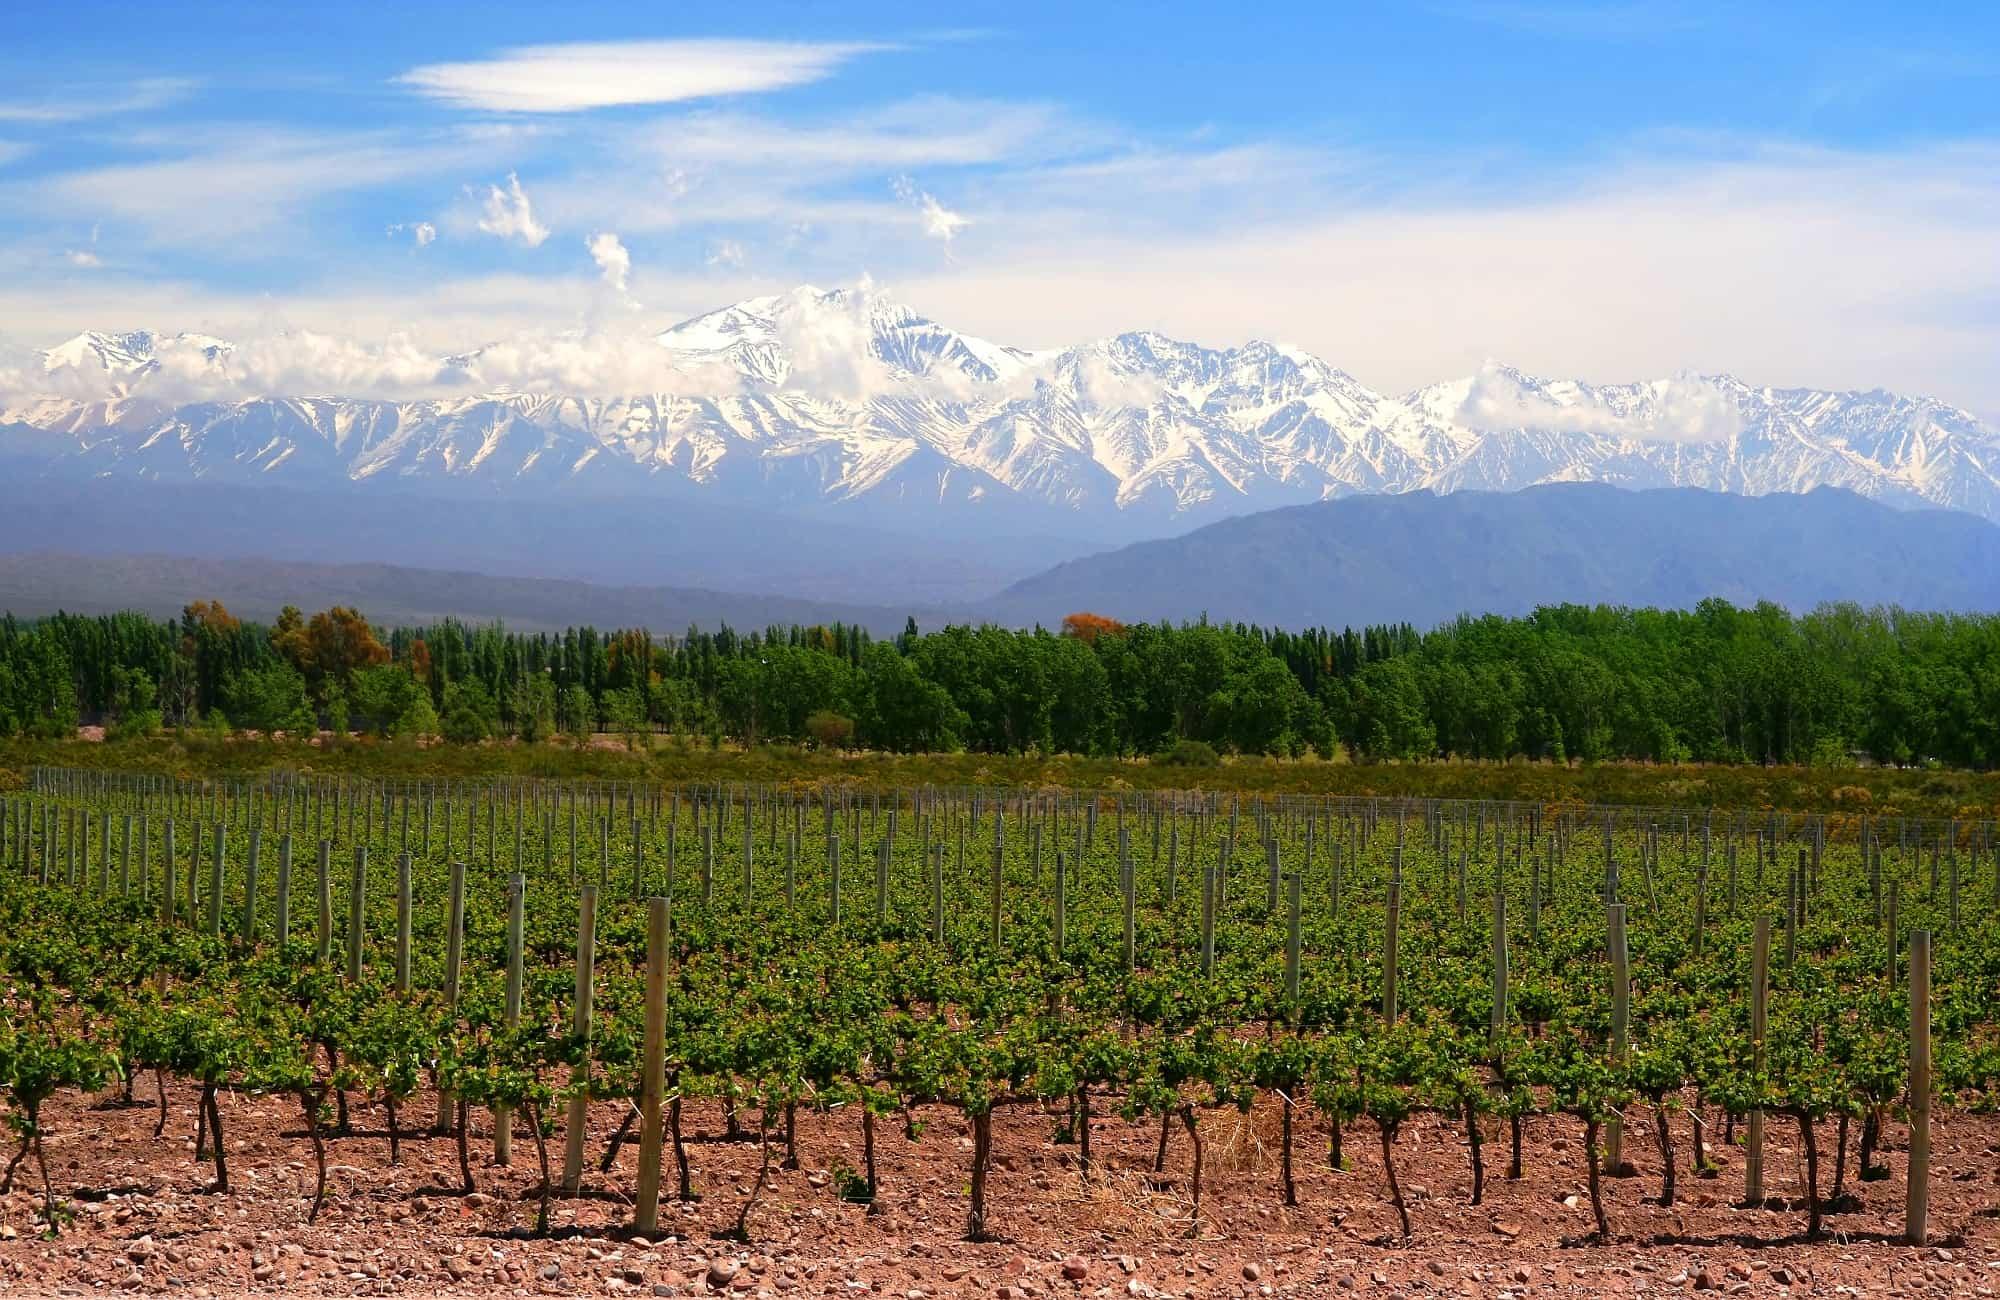 région de Mendoza, capitale du vin argentin